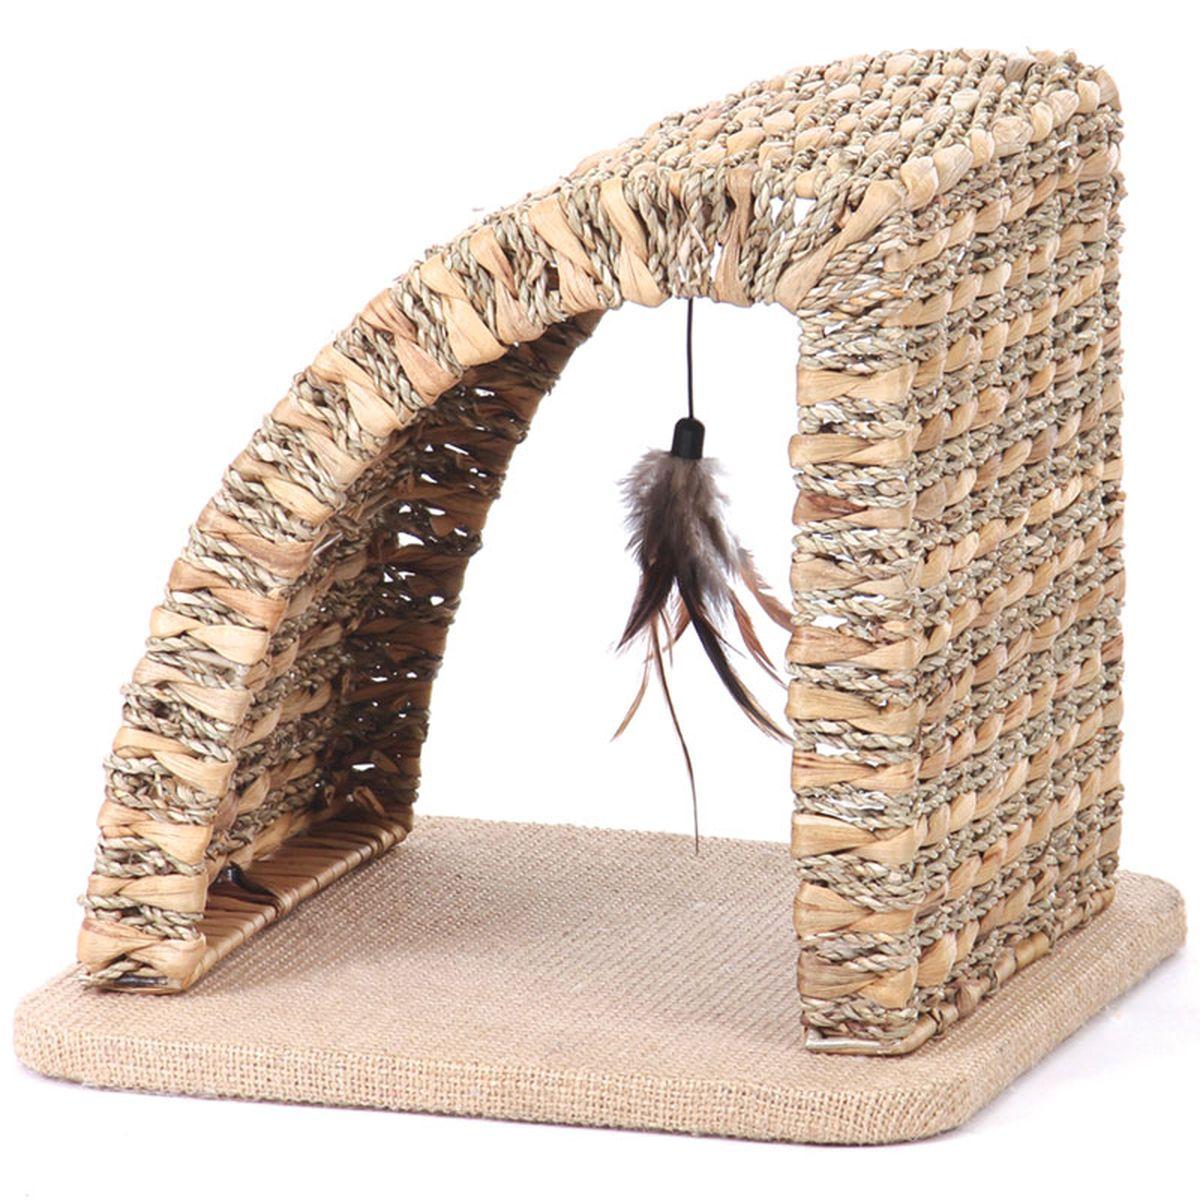 Когтеточка TriolАрка, 35 х 35 х 32 см0120710Когтеточка TriolАрка - незаменимая вещь для сохранности мебели в квартире и удовлетворения естественных потребностей кошки. Она выполнена из природного экологического материала, арочная форма позволит кошке вытянуться во весь рост, чтобы поточить коготки. Для дополнительной привлекательности когтеточка имеет игрушку - подвешенную кисточку из перышек. Если вы не хотите прибивать на стену традиционную когтеточку (кошки обдирают обои вокруг неё, она портит общую картину интерьера), то напольная когтеточка - лучший выход из положения. Когтеточка для кошек в виде арки полностью удовлетворит потребности кошки поиграть и поточить когти.Преимущества:- За счет трубчатой структуры материала легко проветривается;- Выдерживает большие перепады температур;- Не впитывает воду, не промокает, не набухает от сырости;- Обладает бактерицидными свойствами.